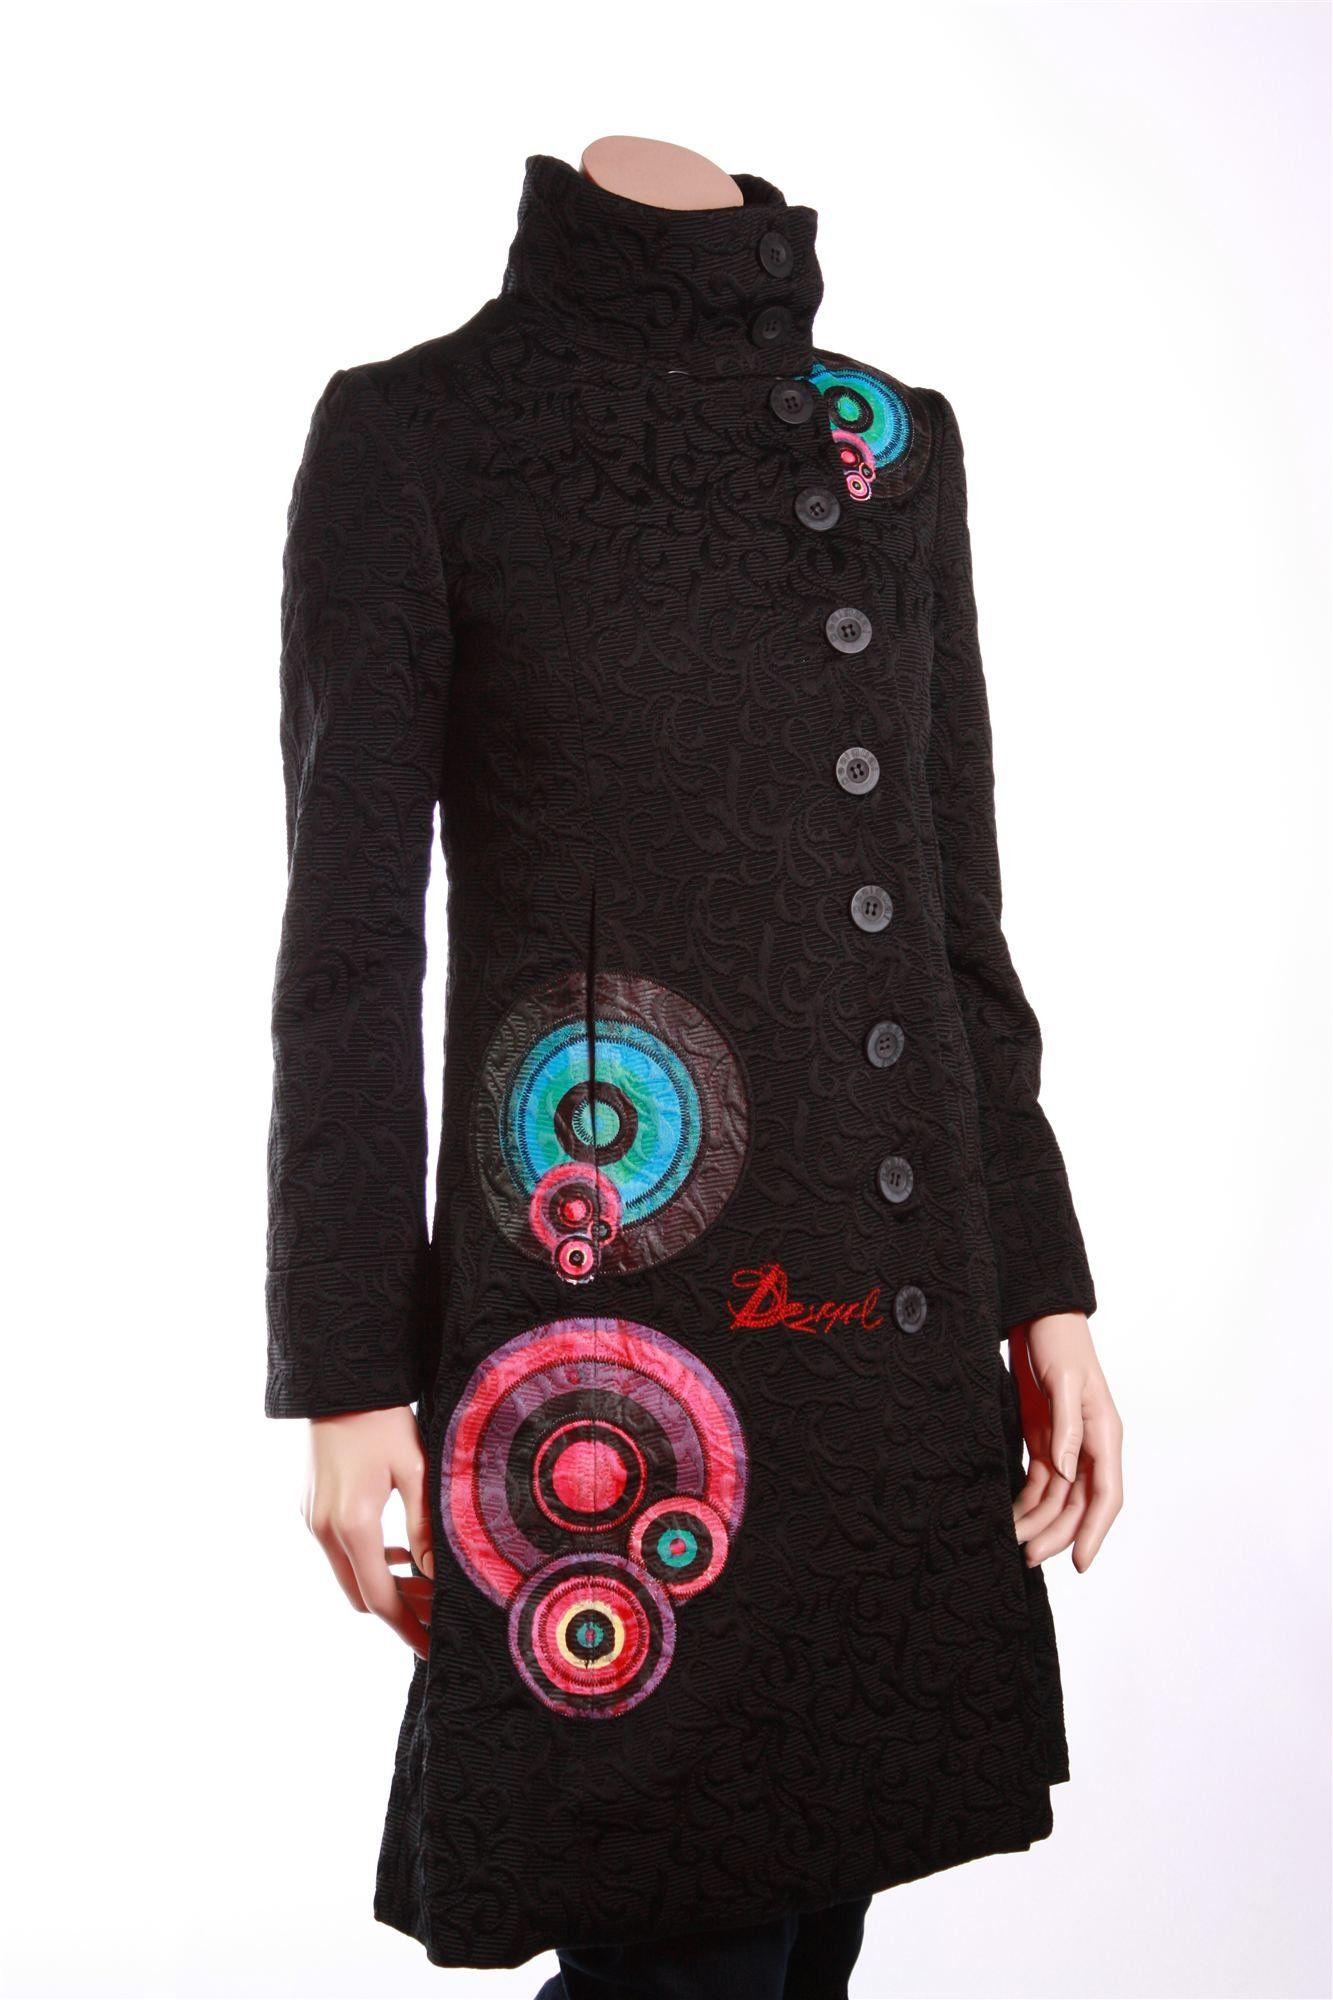 Desigual vestidos y abrigos originales | Ropa, Ropa bordada